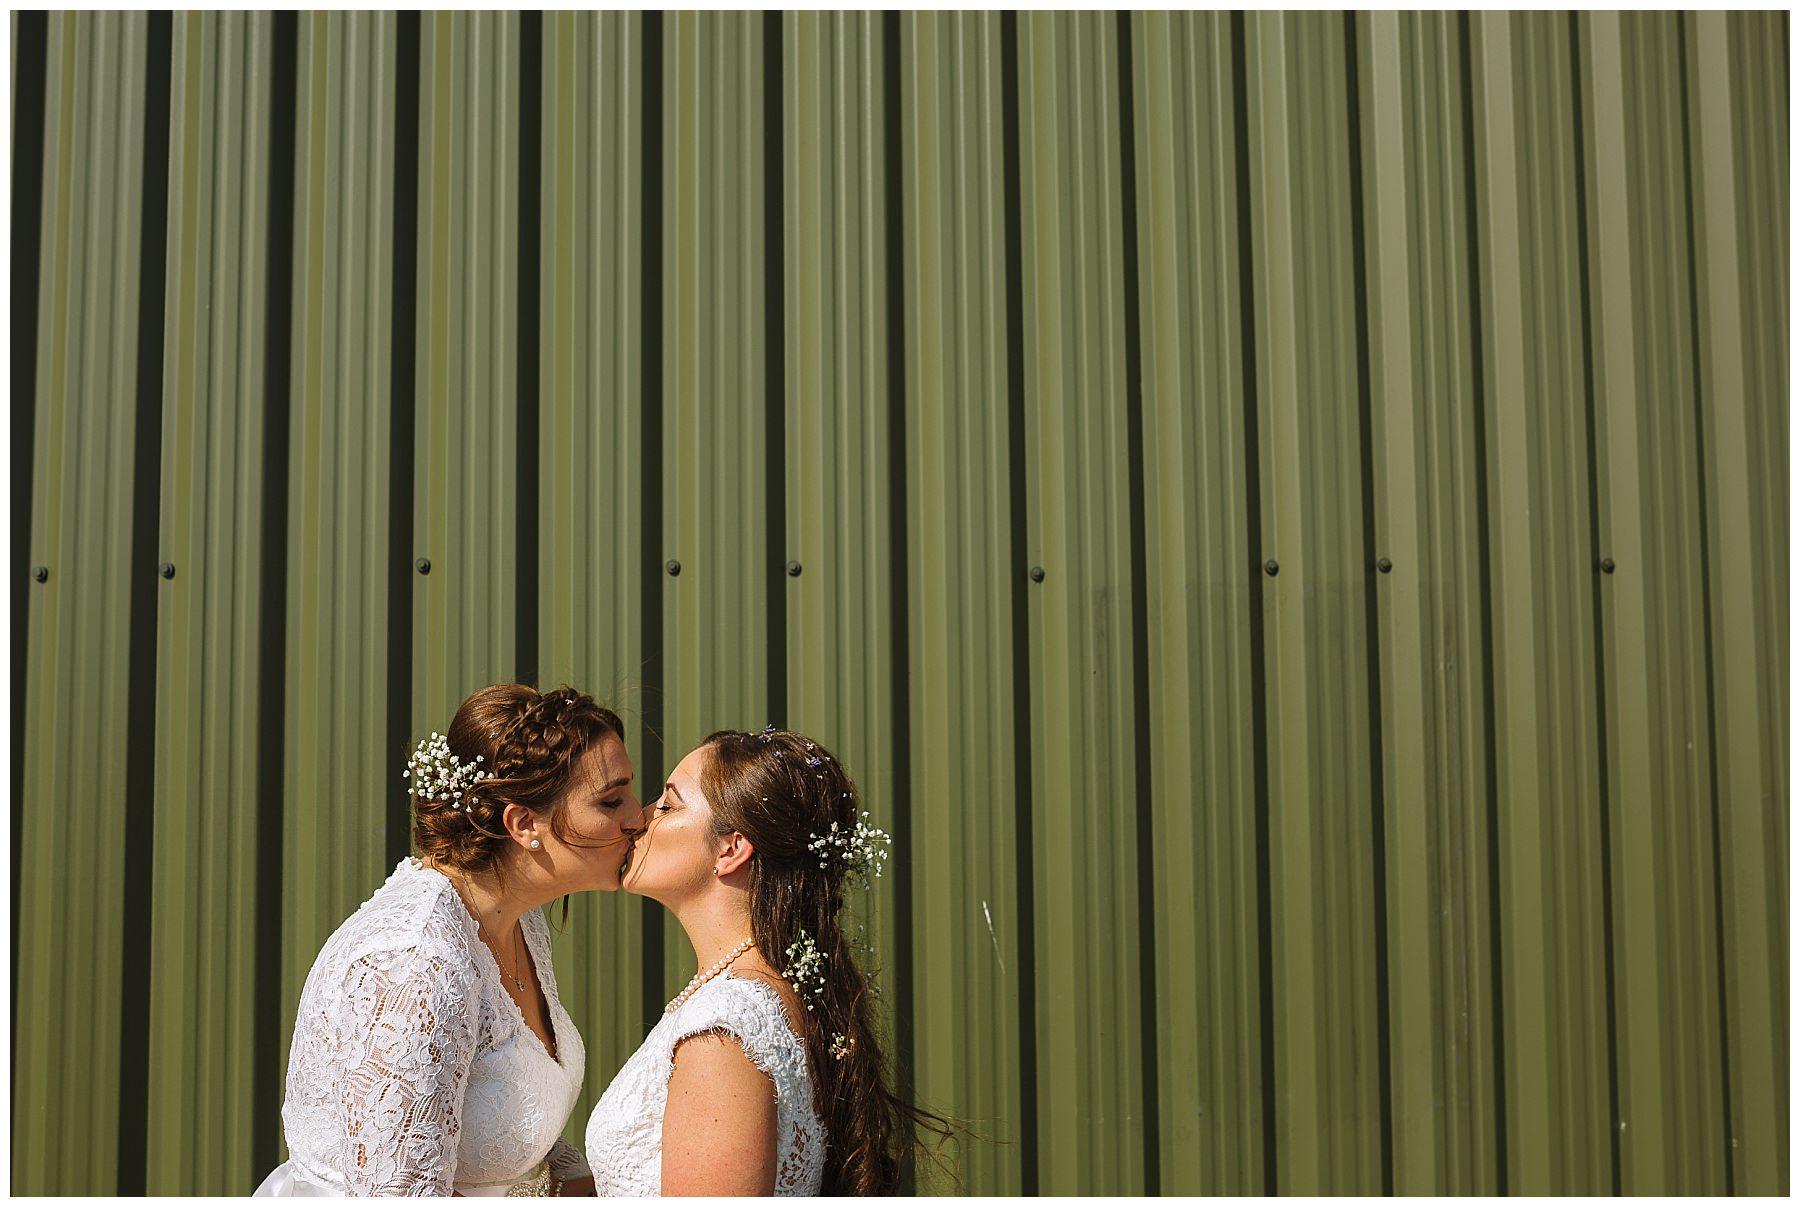 Wellbeing Farm same sex wedding photography